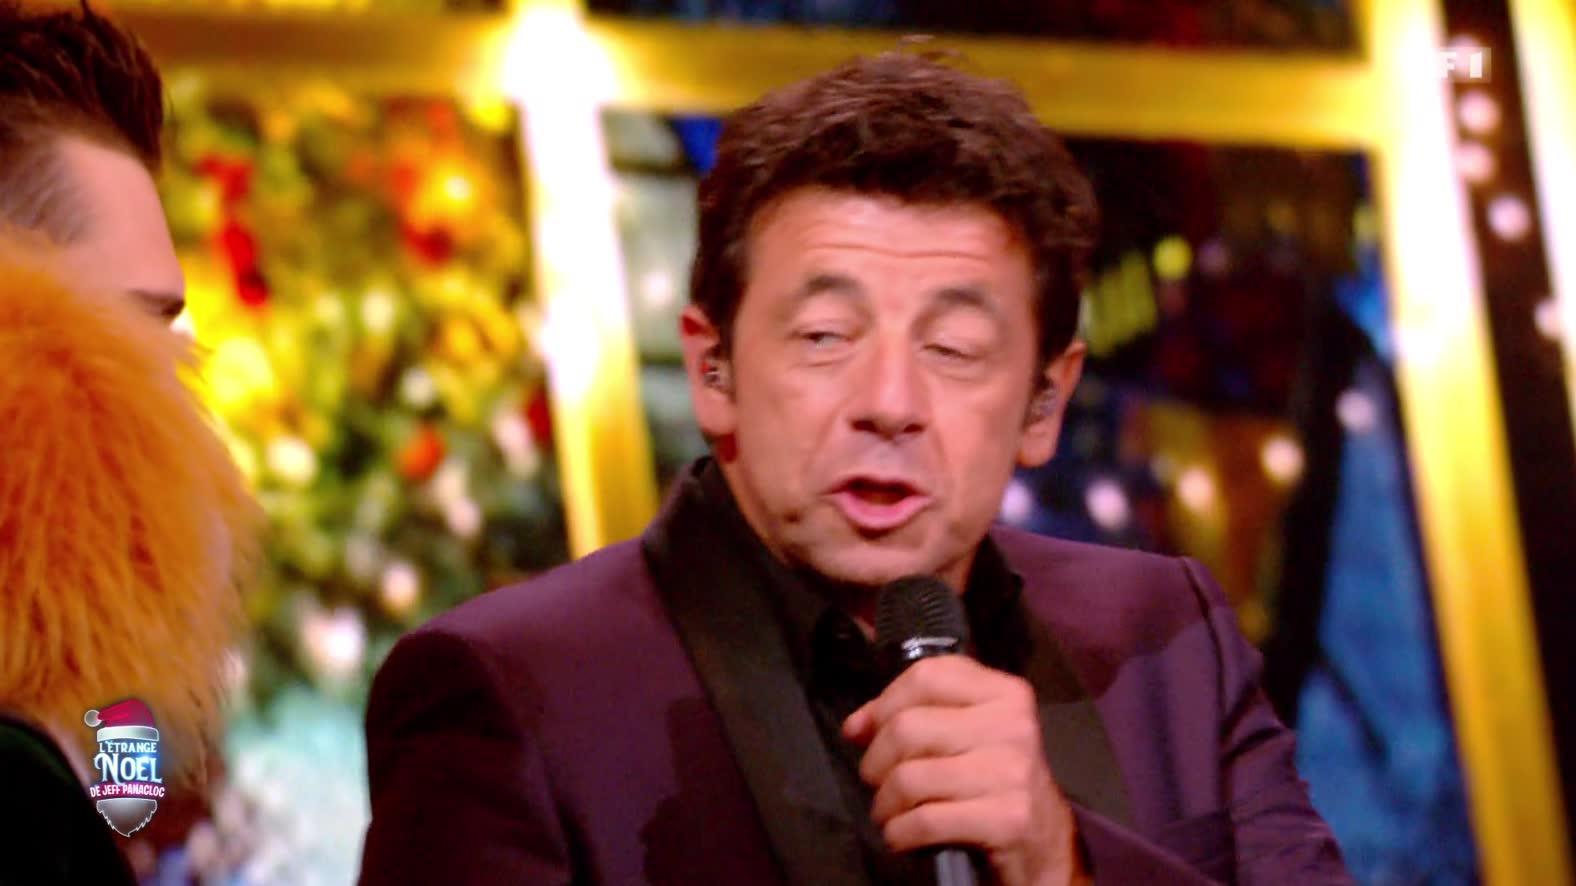 L'étrange Noël De Jeff Panacloc - Samedi 8 Décembre 2018 tout Chanson Dans Son Manteau Rouge Et Blanc